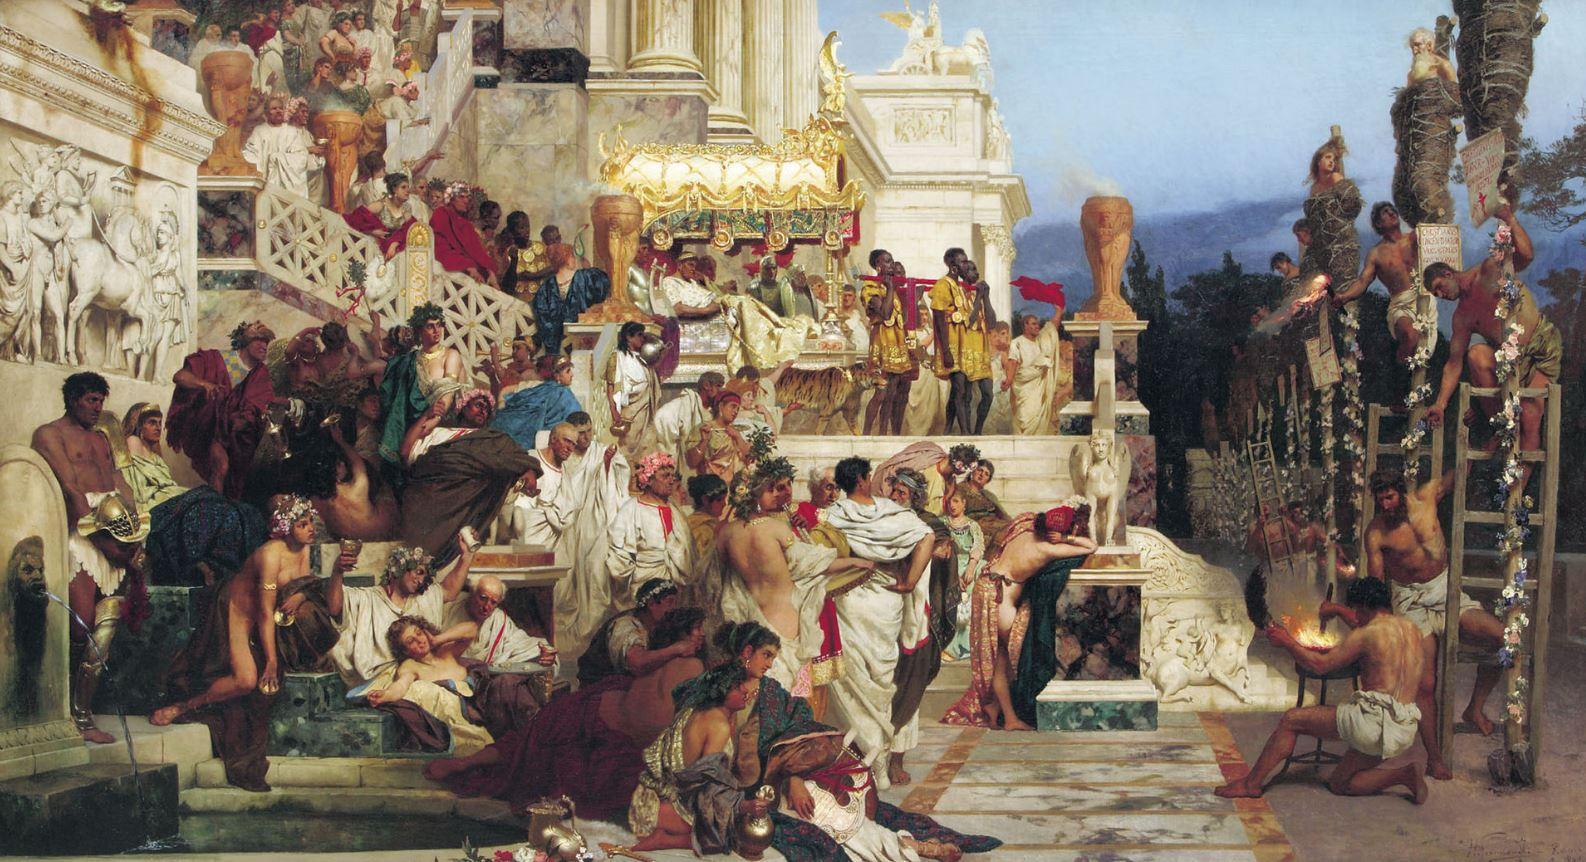 The Torches of Nero, by Henryk Siemiradzki